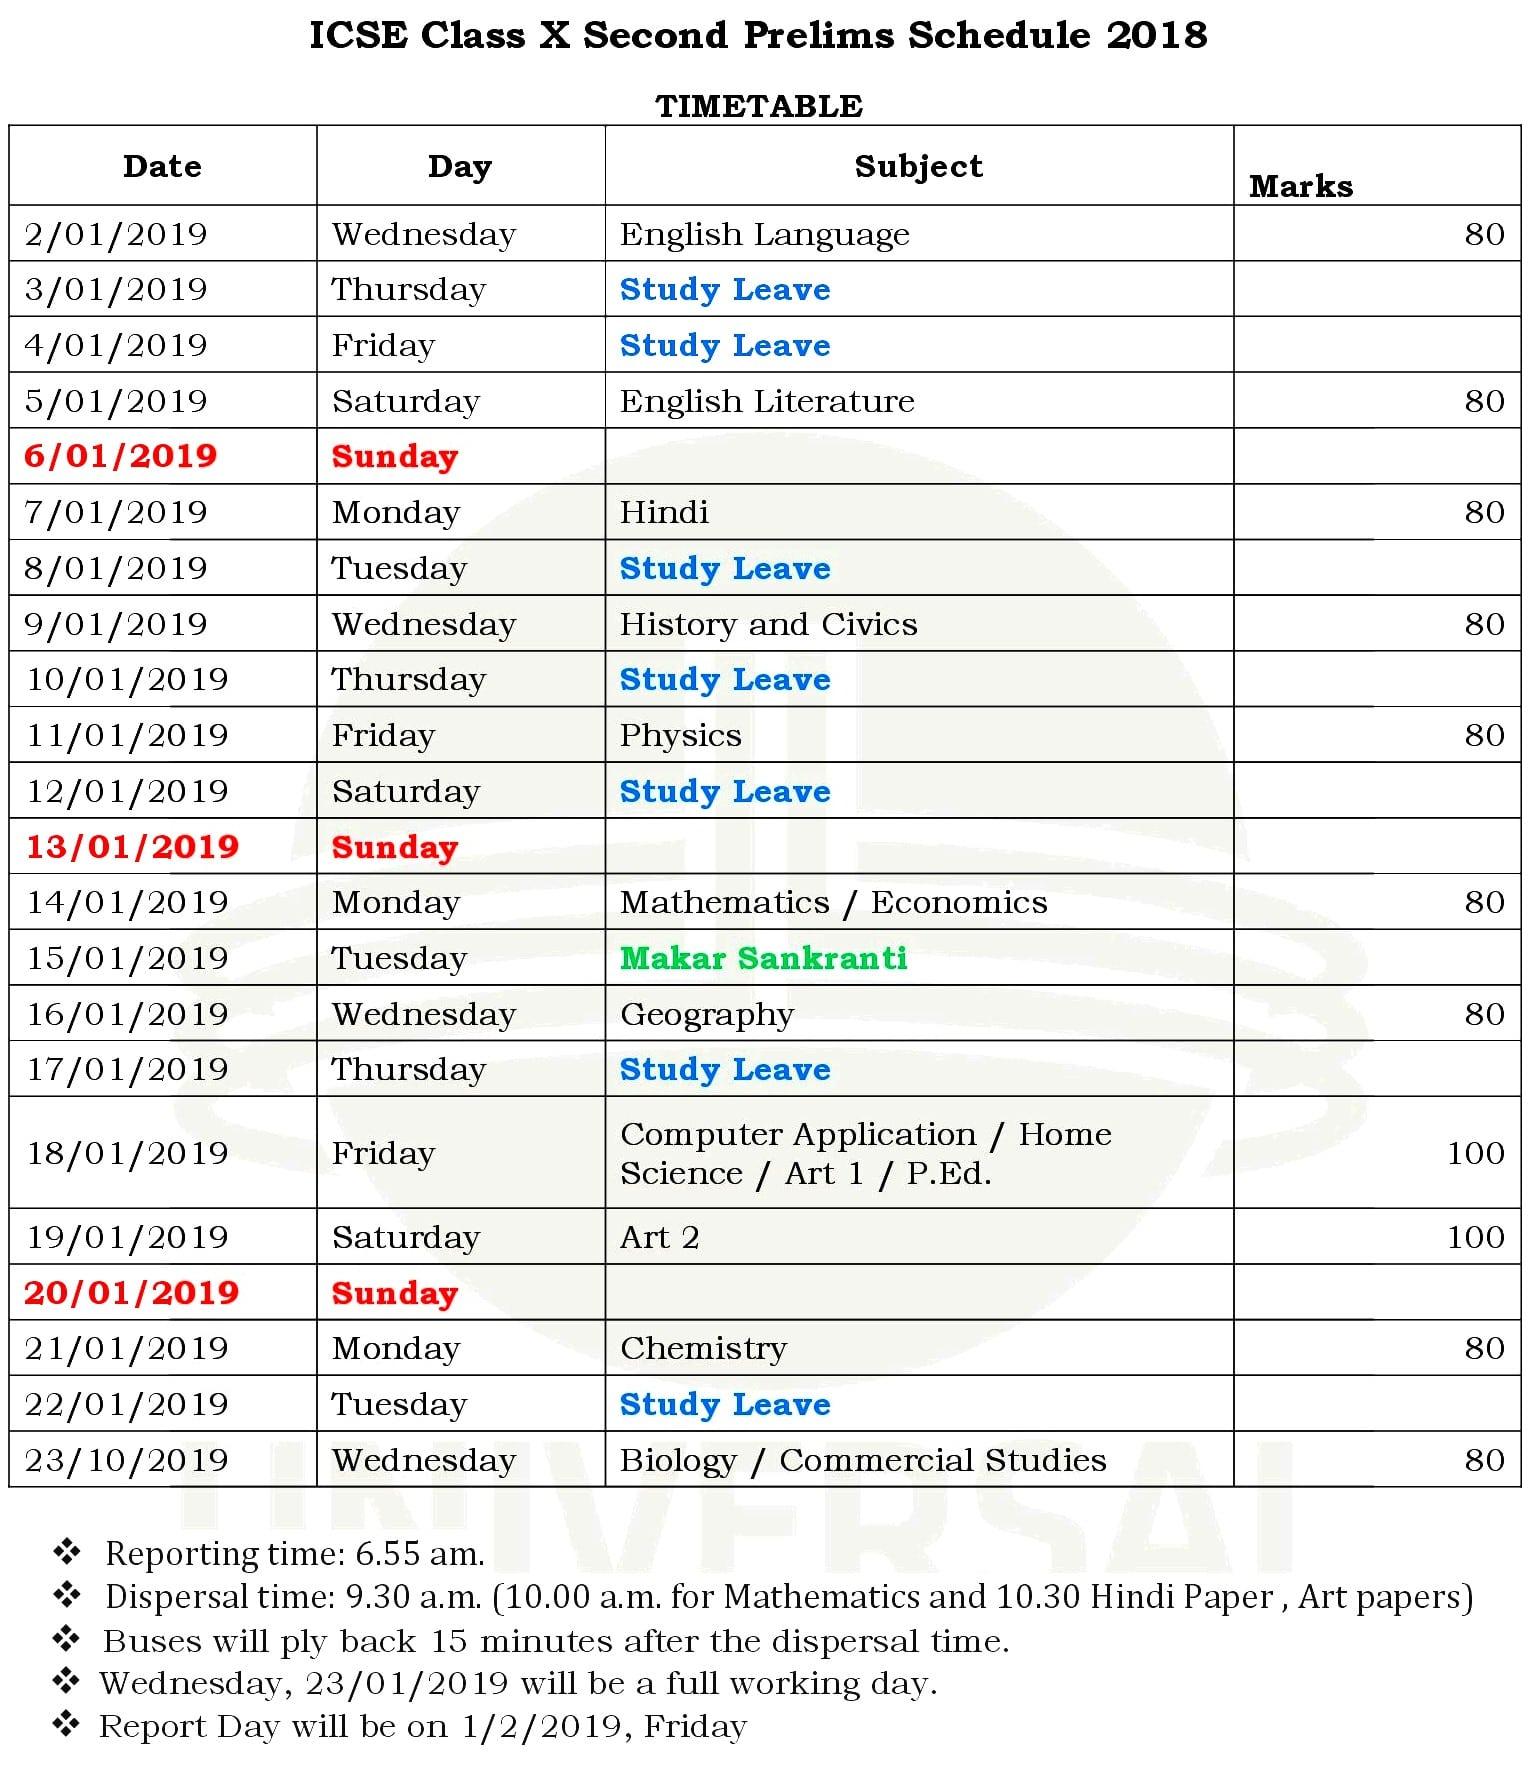 Prelim 2 Schedule